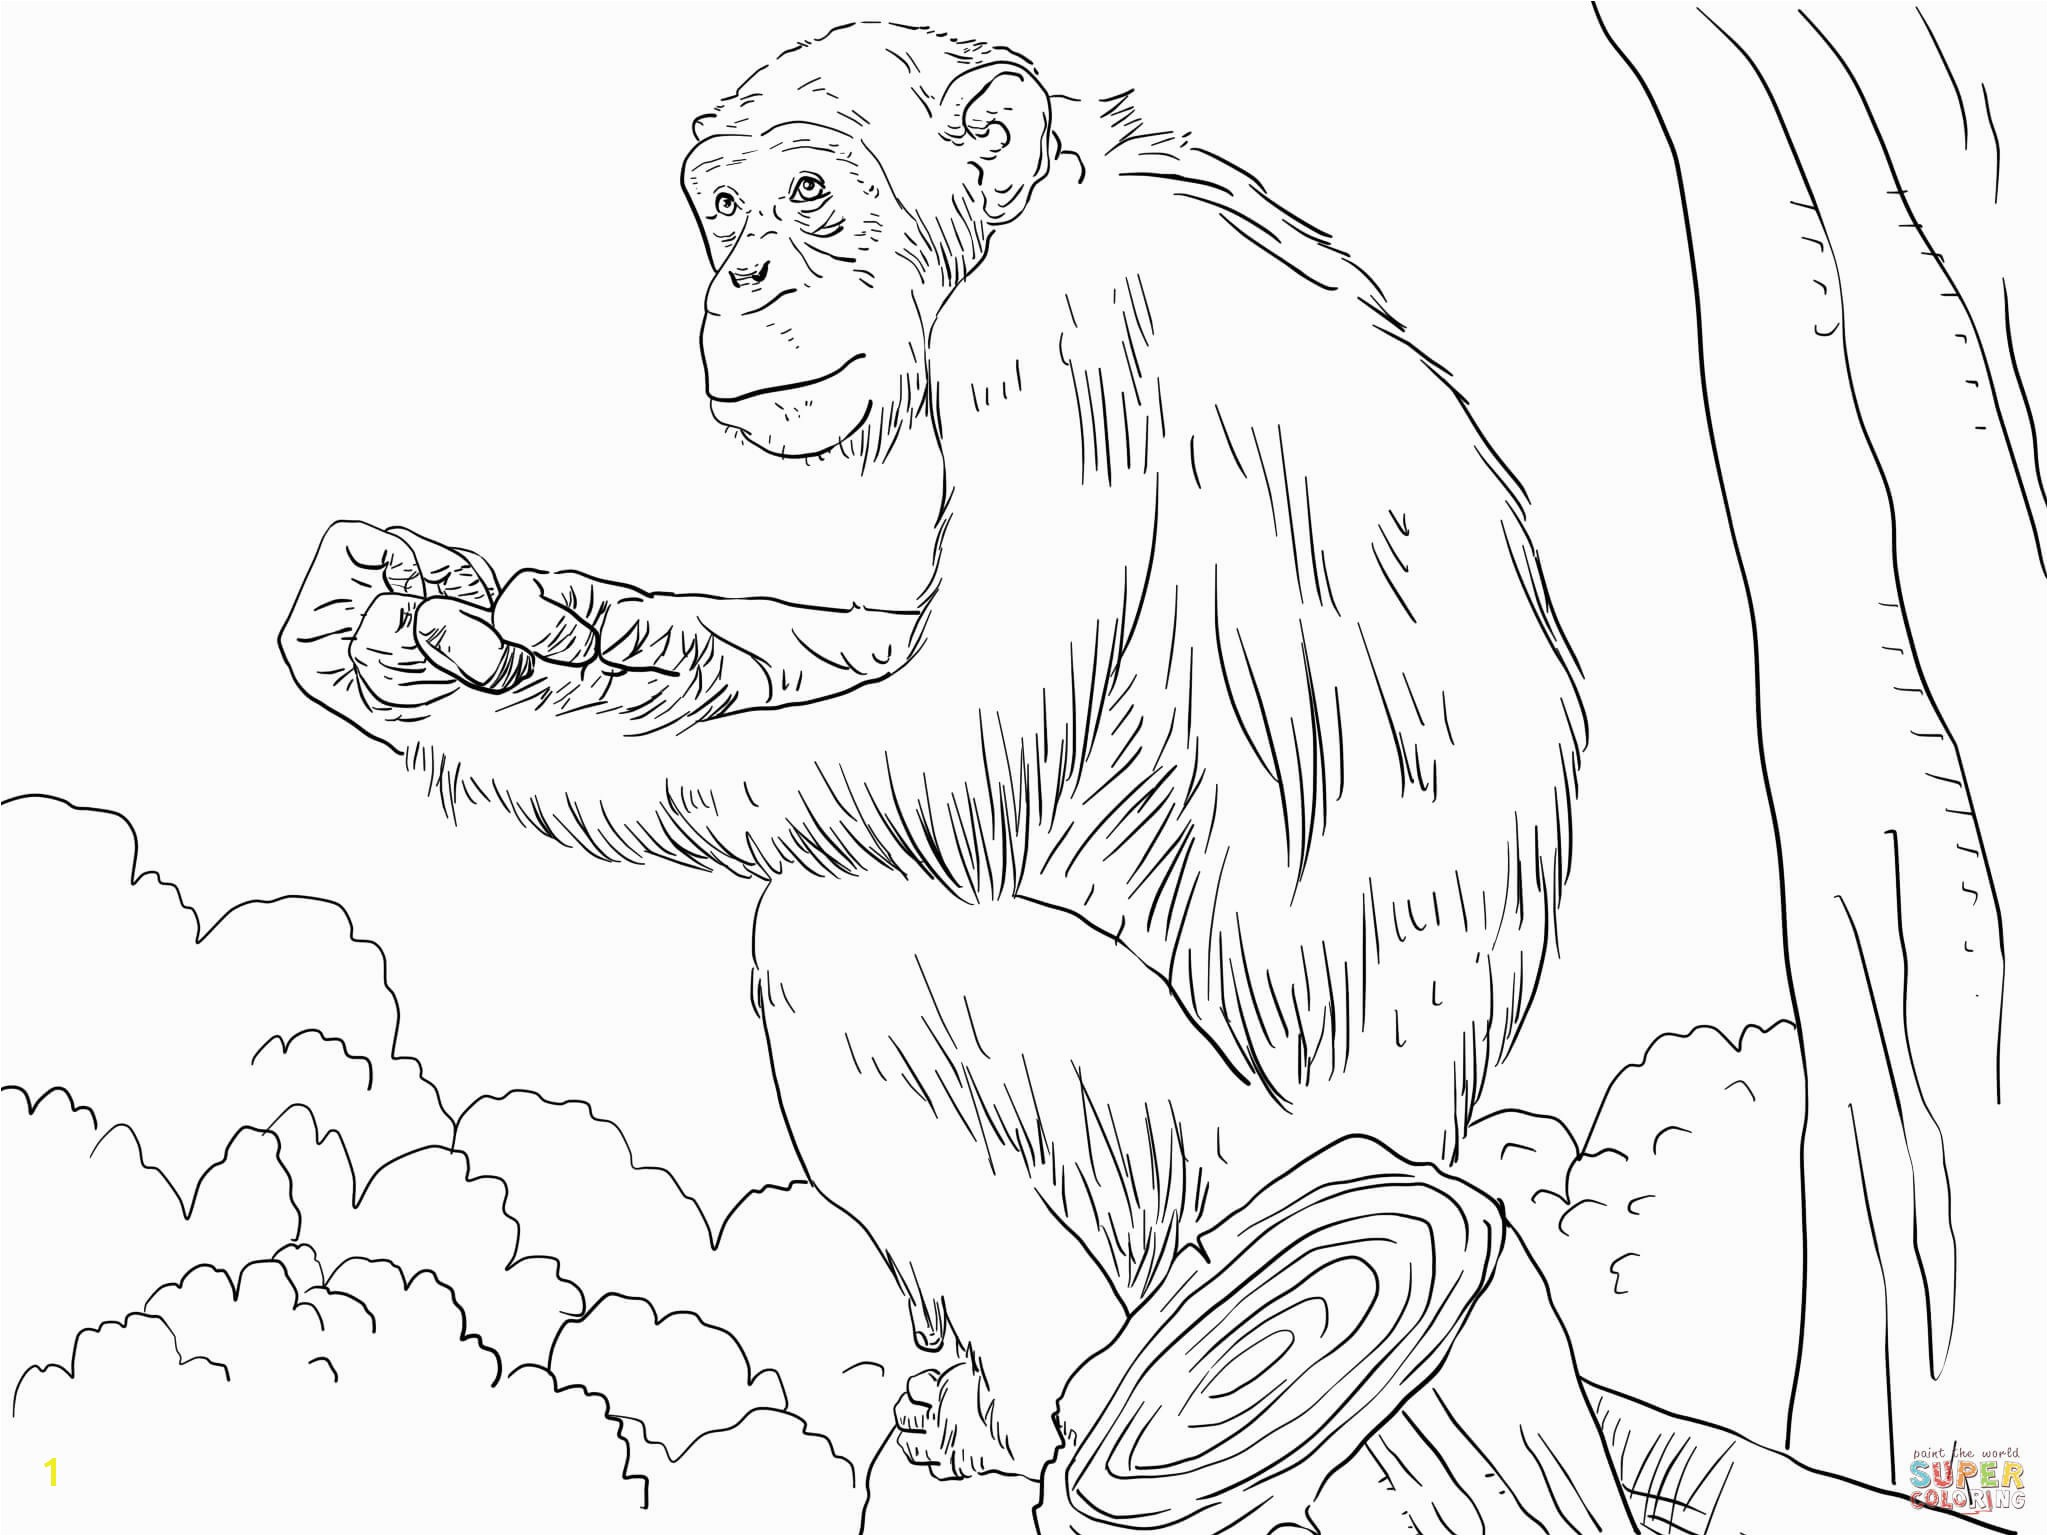 mon Chimpanzee